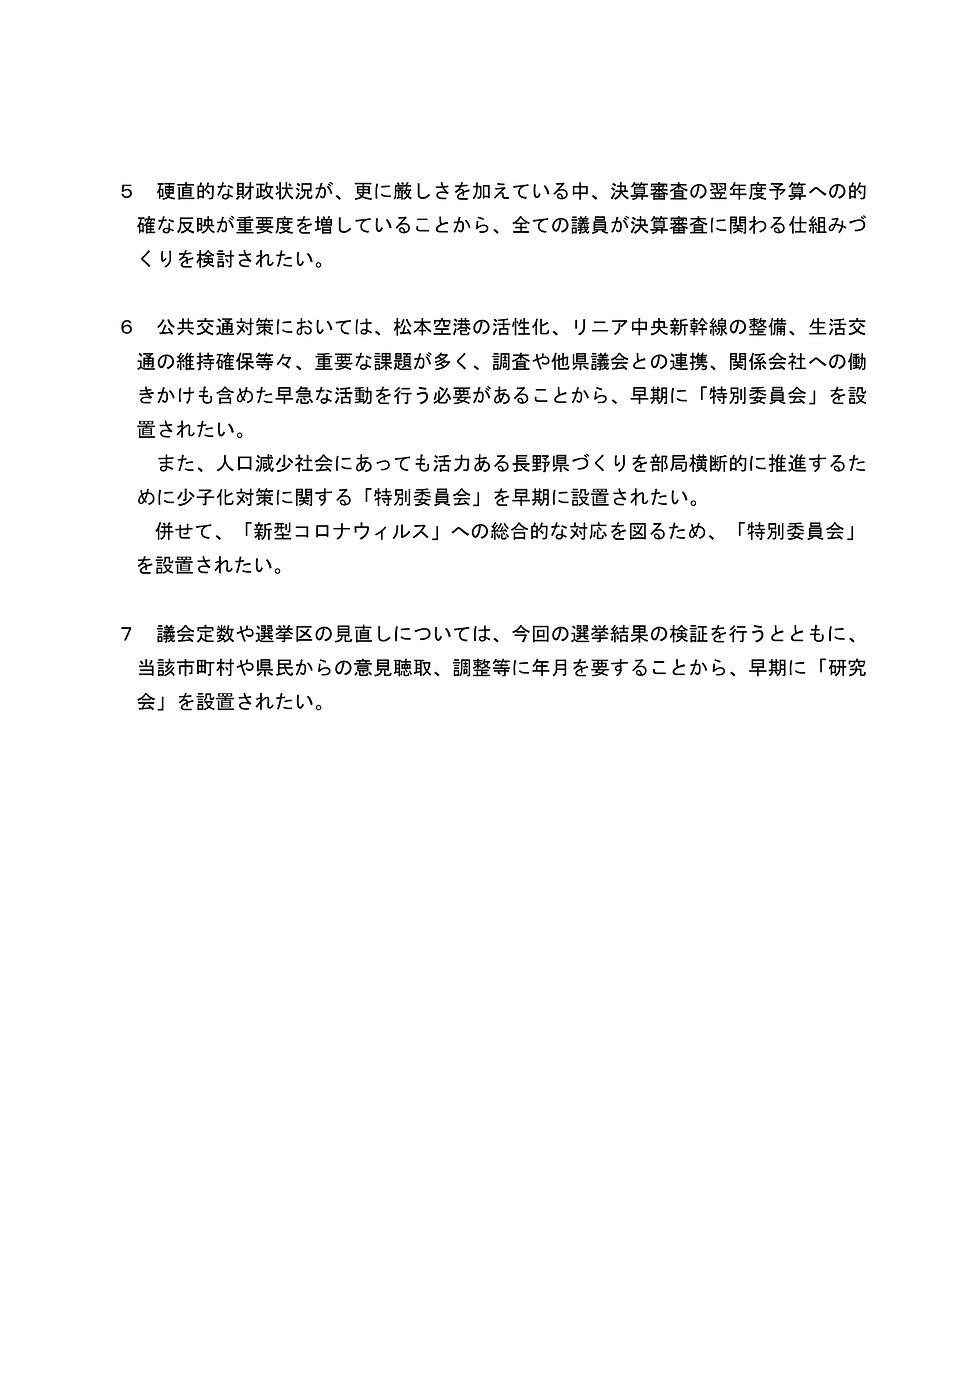 令和2年度議会運営に関する提言_page-0002.jpg